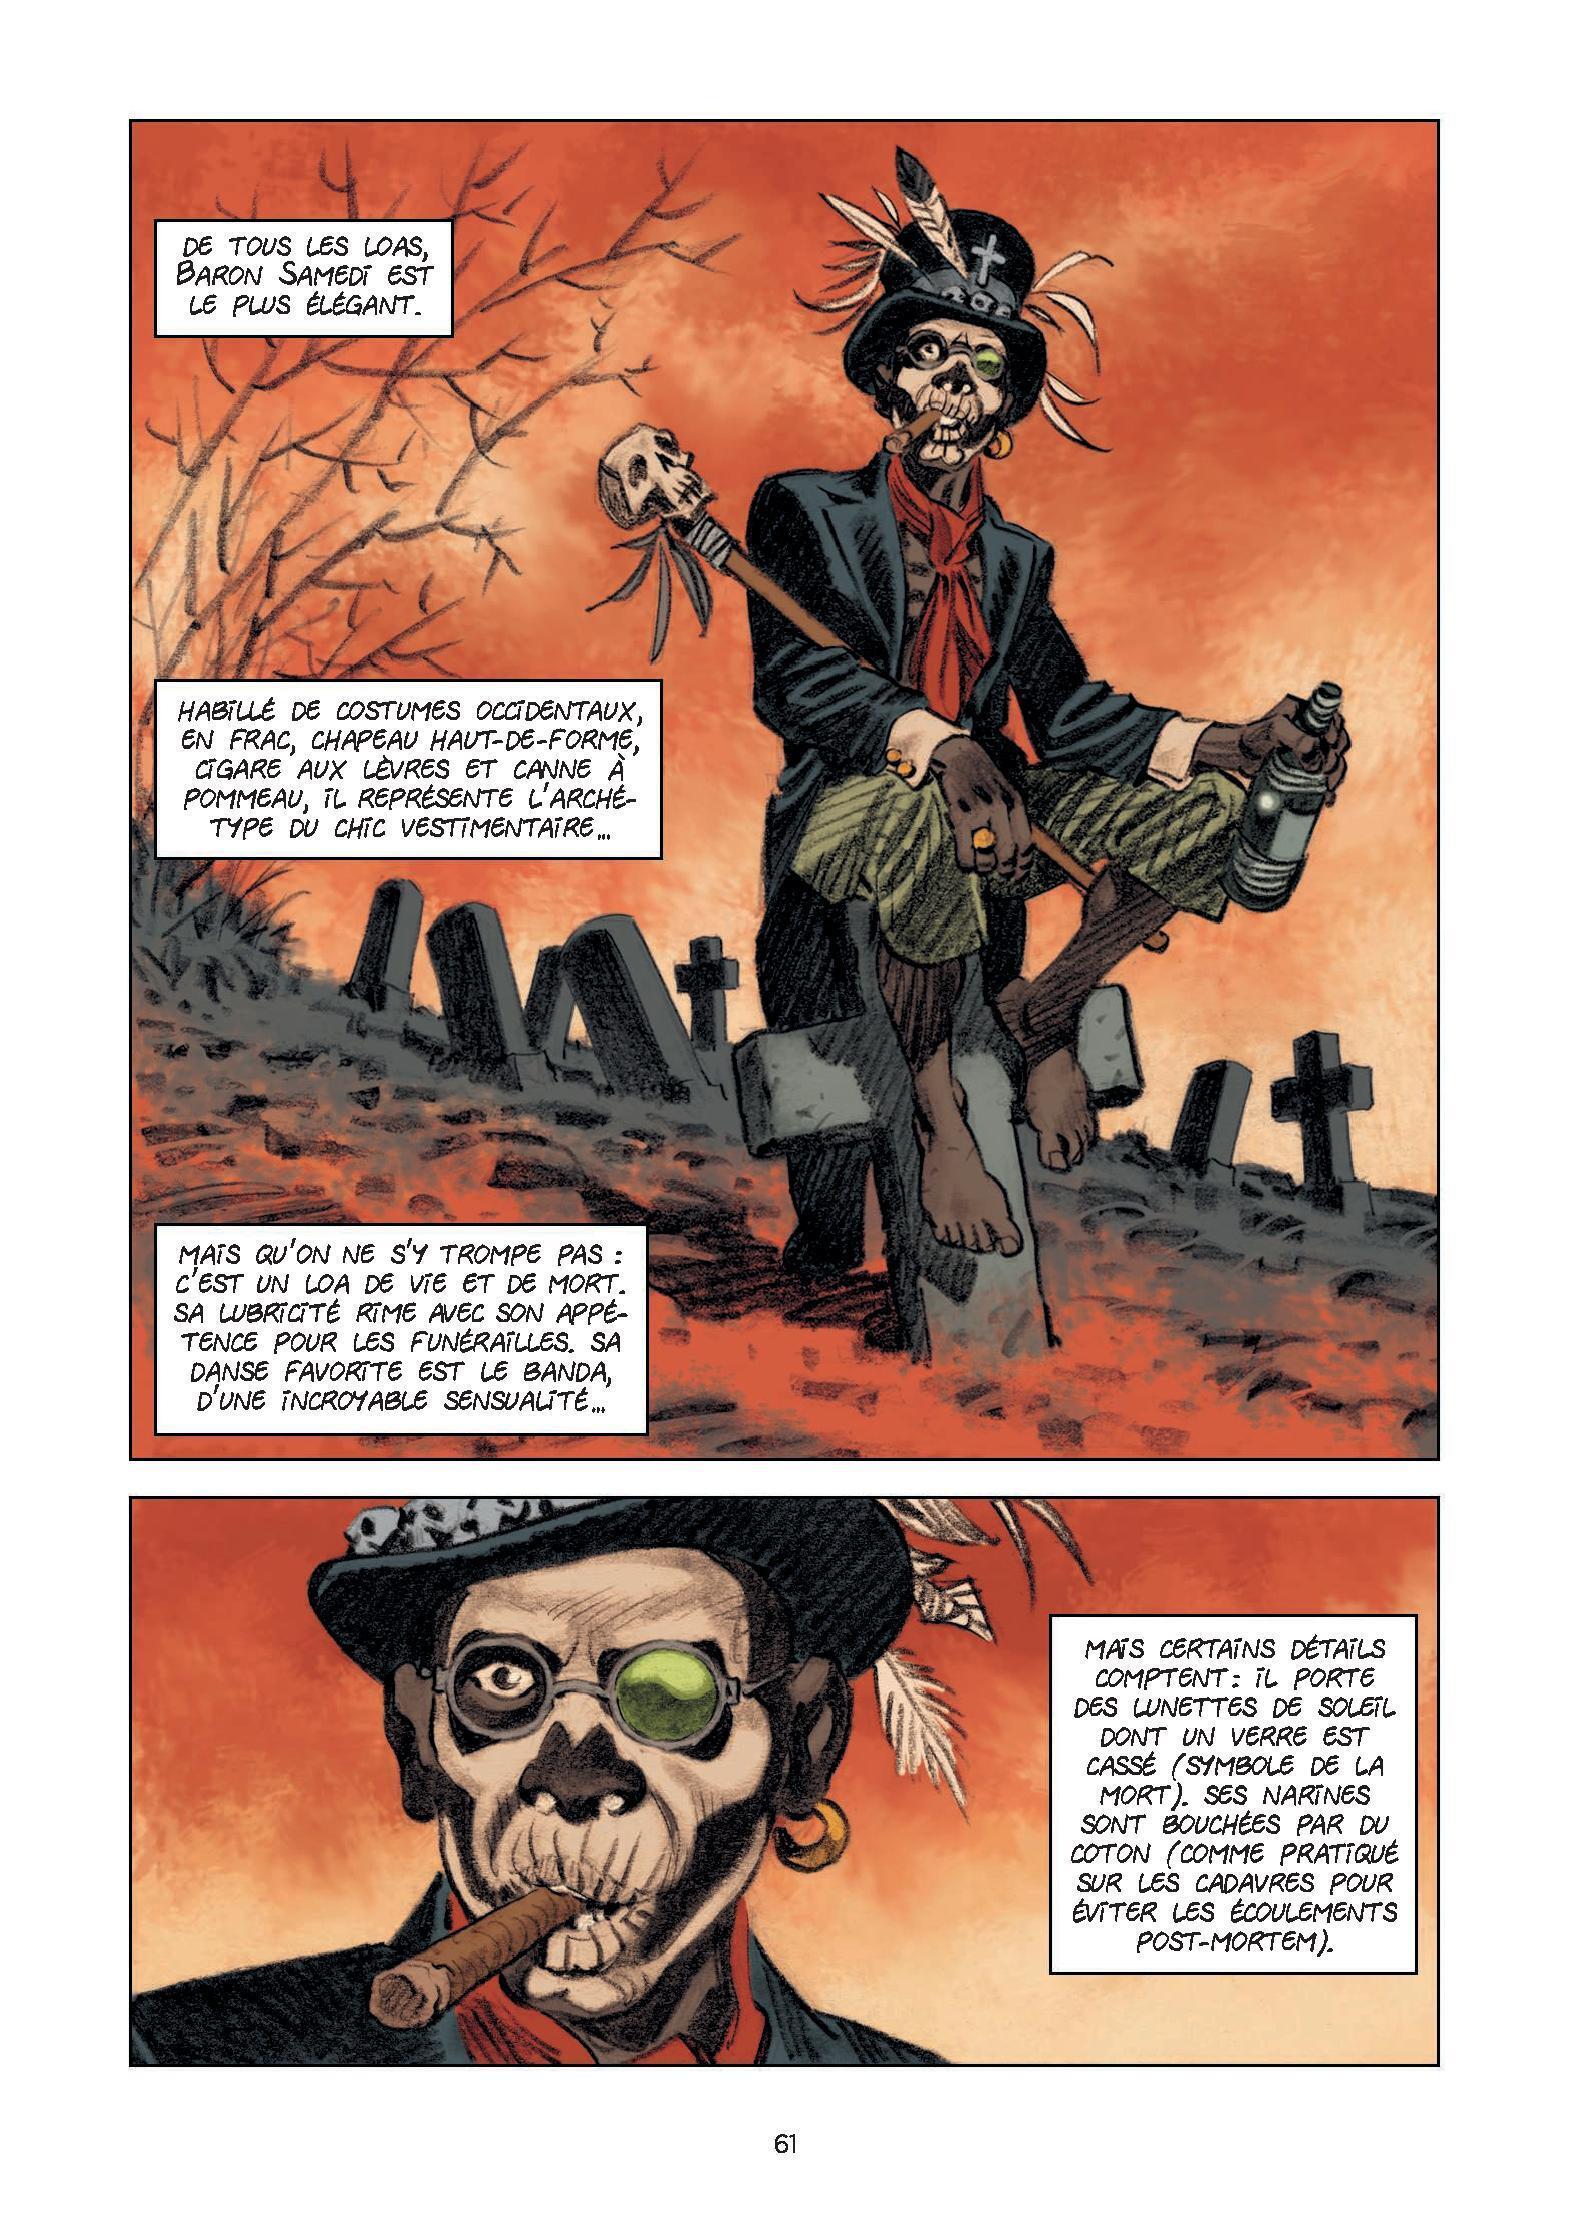 Baron Samedi est le Loa de la mort et de la résurrection.